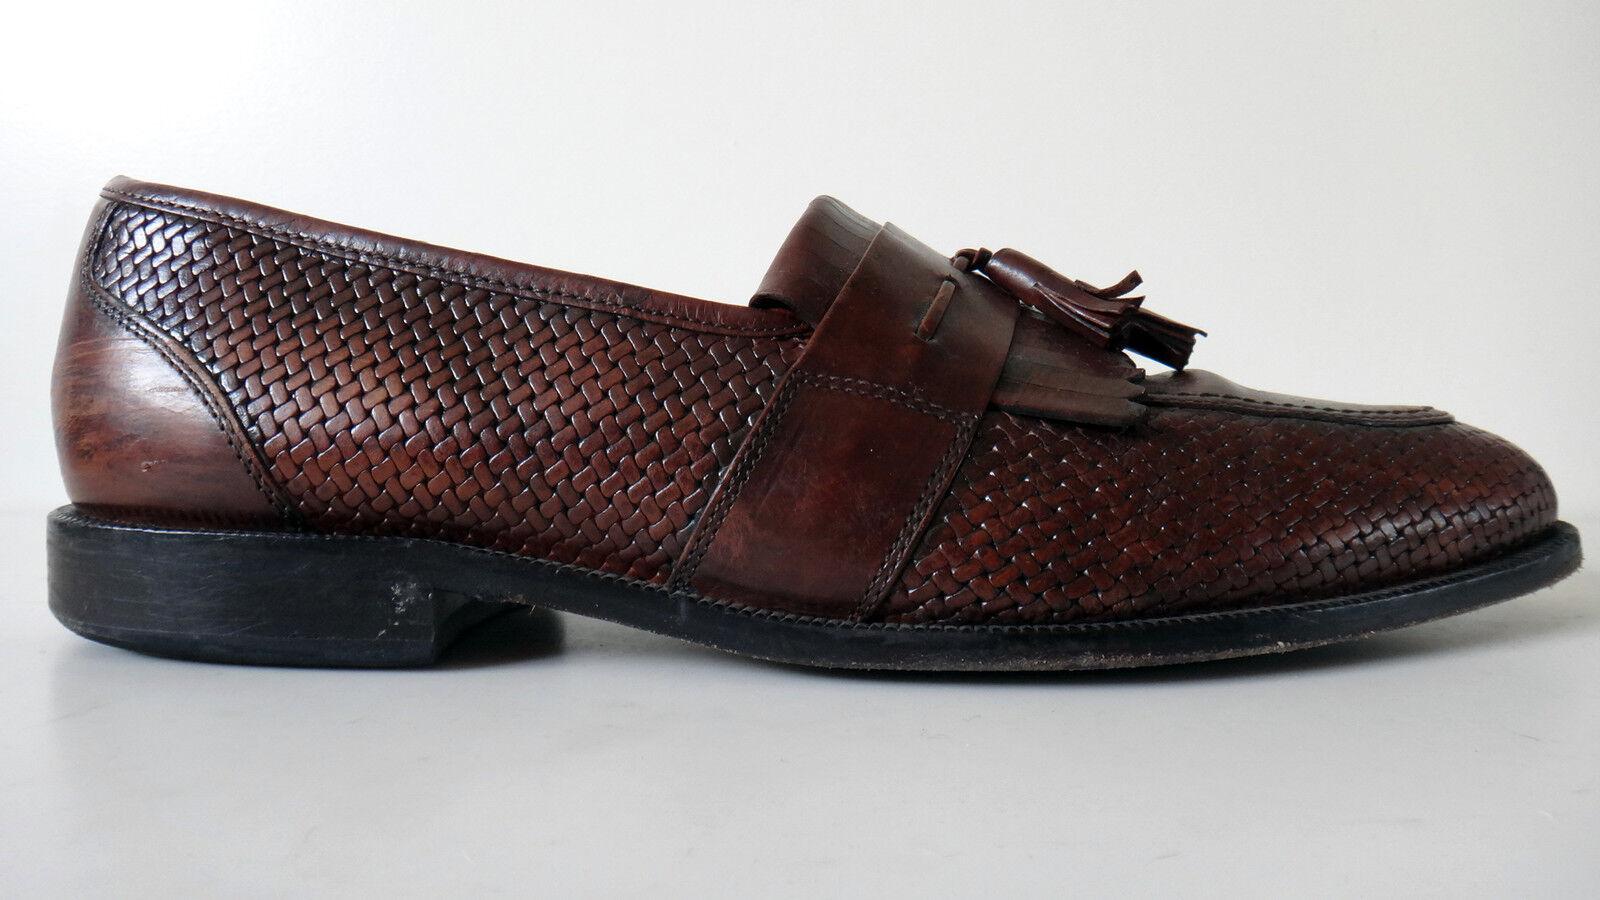 Bostonian basket weave woven tassel loafer fringe 12m brown leather SOLE Scarpe classiche da uomo